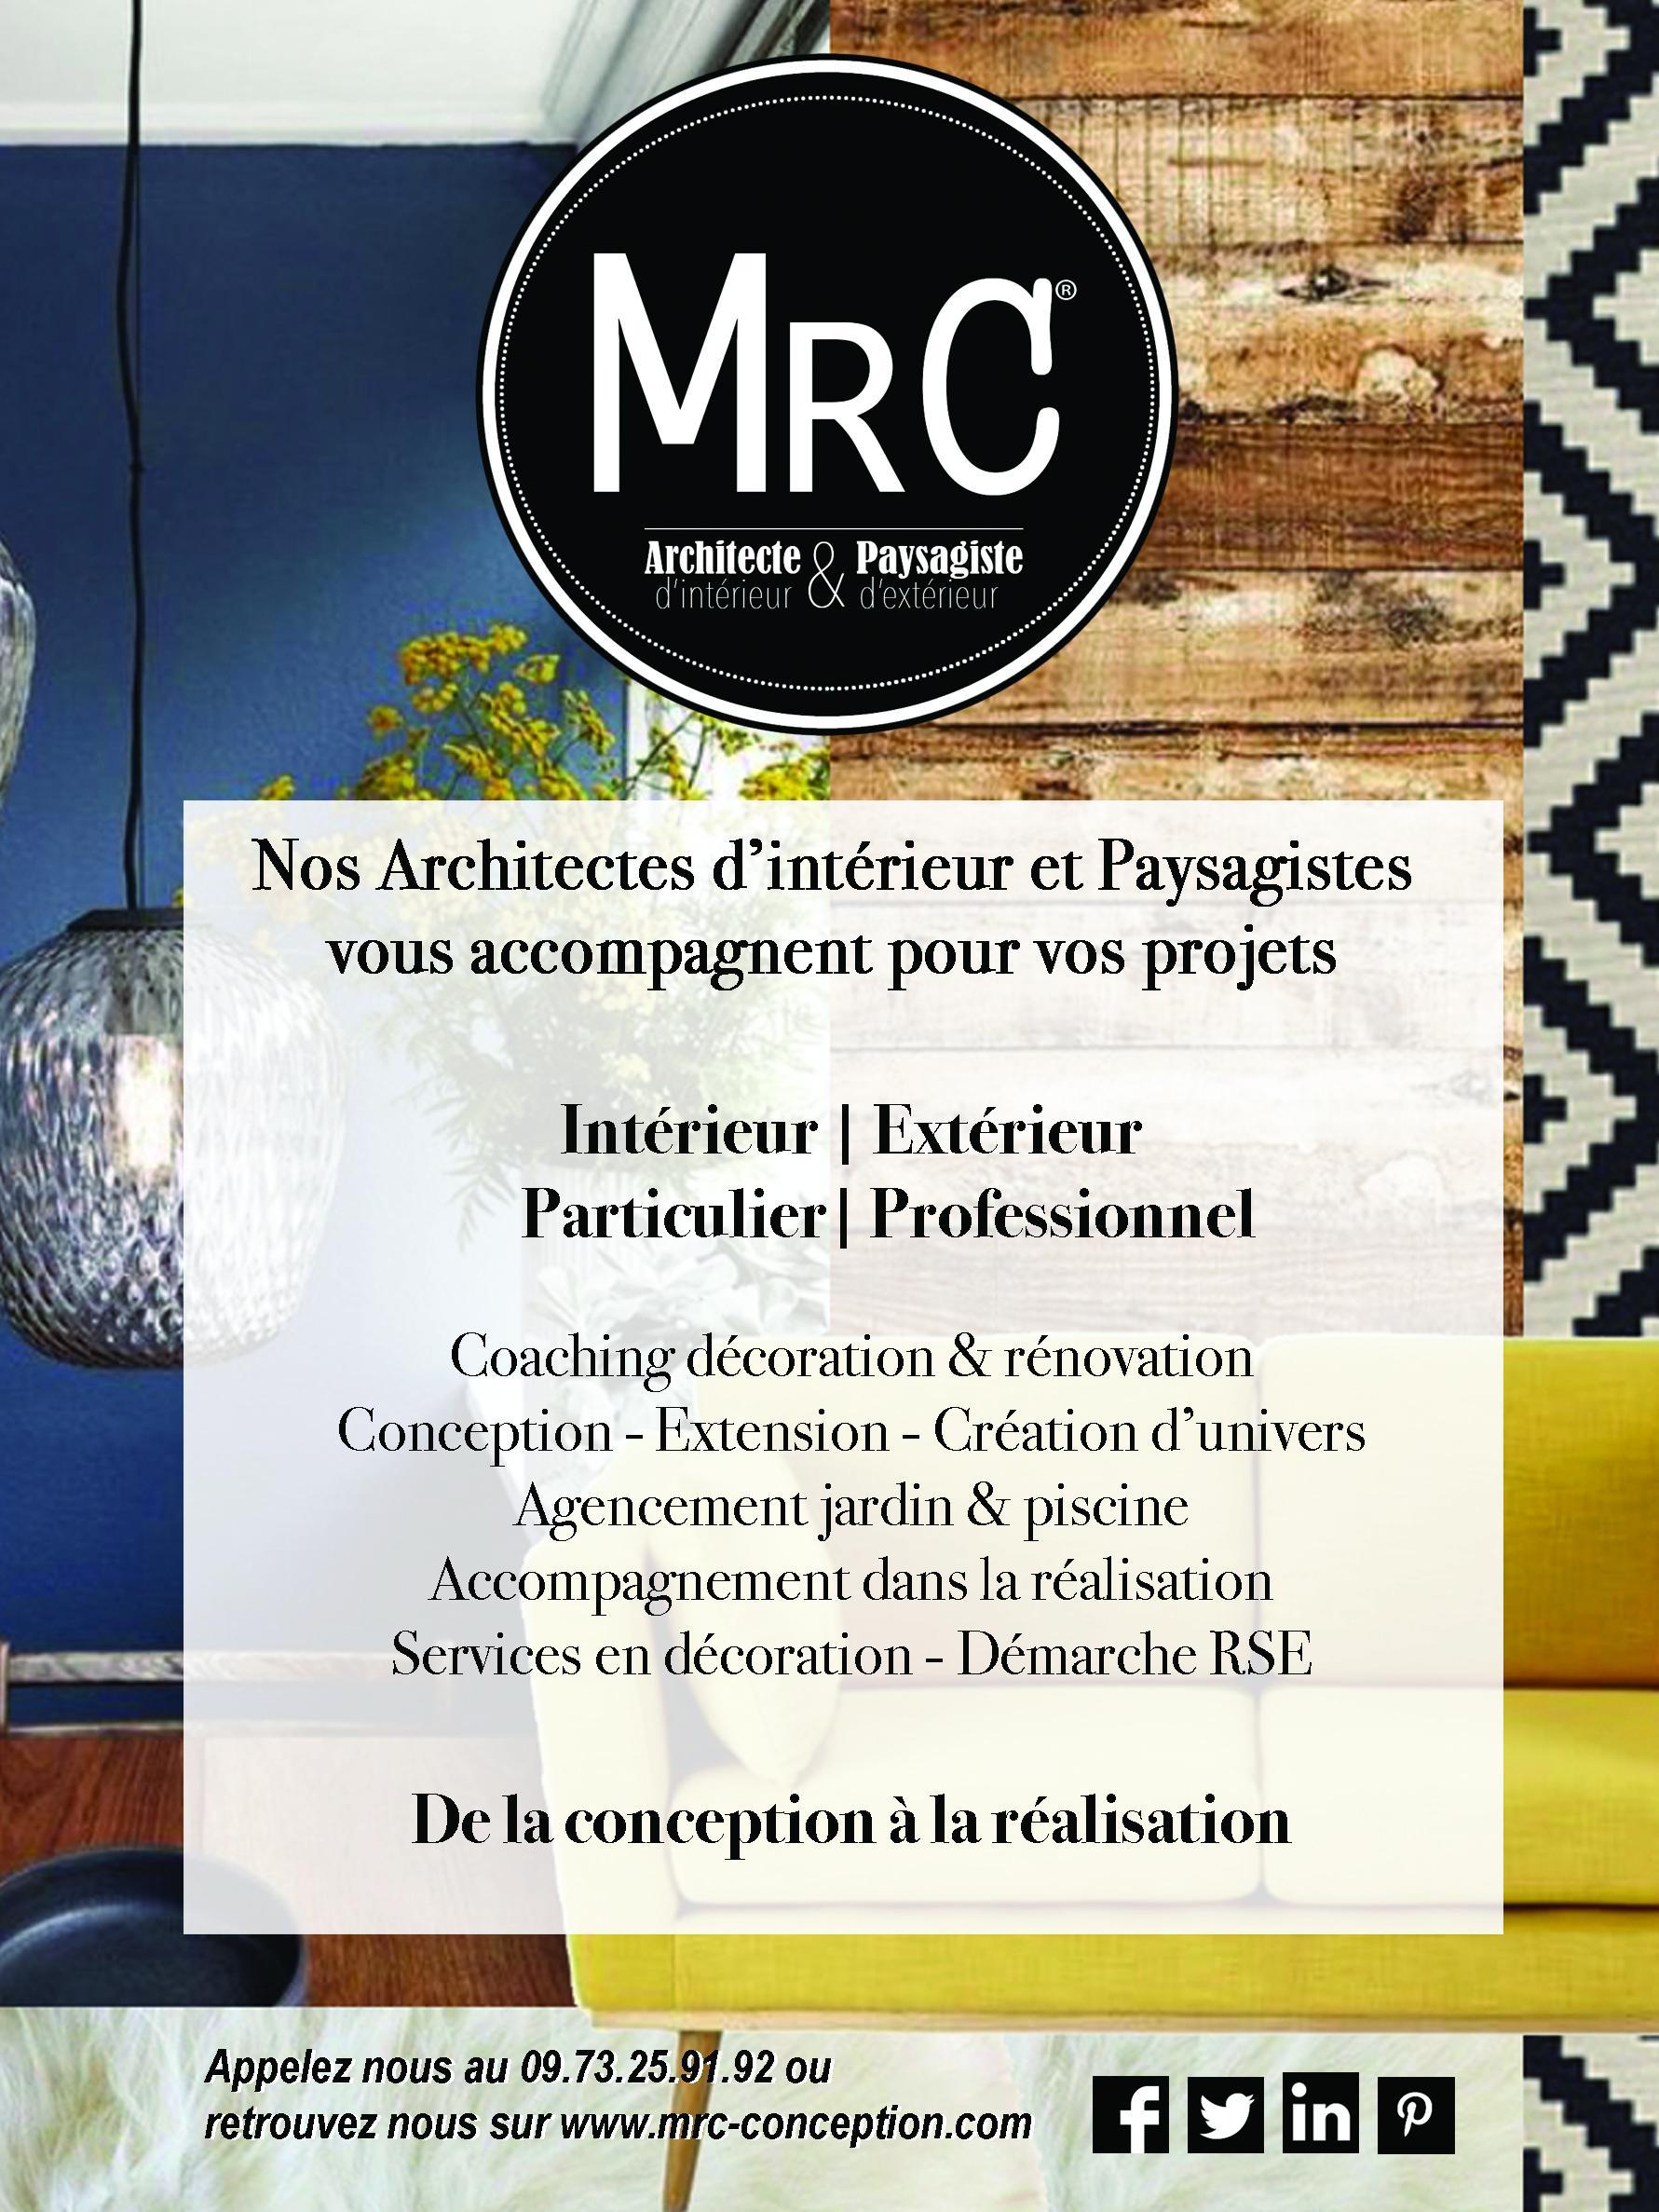 MRC AGENCE D'ARCHITECTE D'INTERIEUR ET PAYSAGISTE